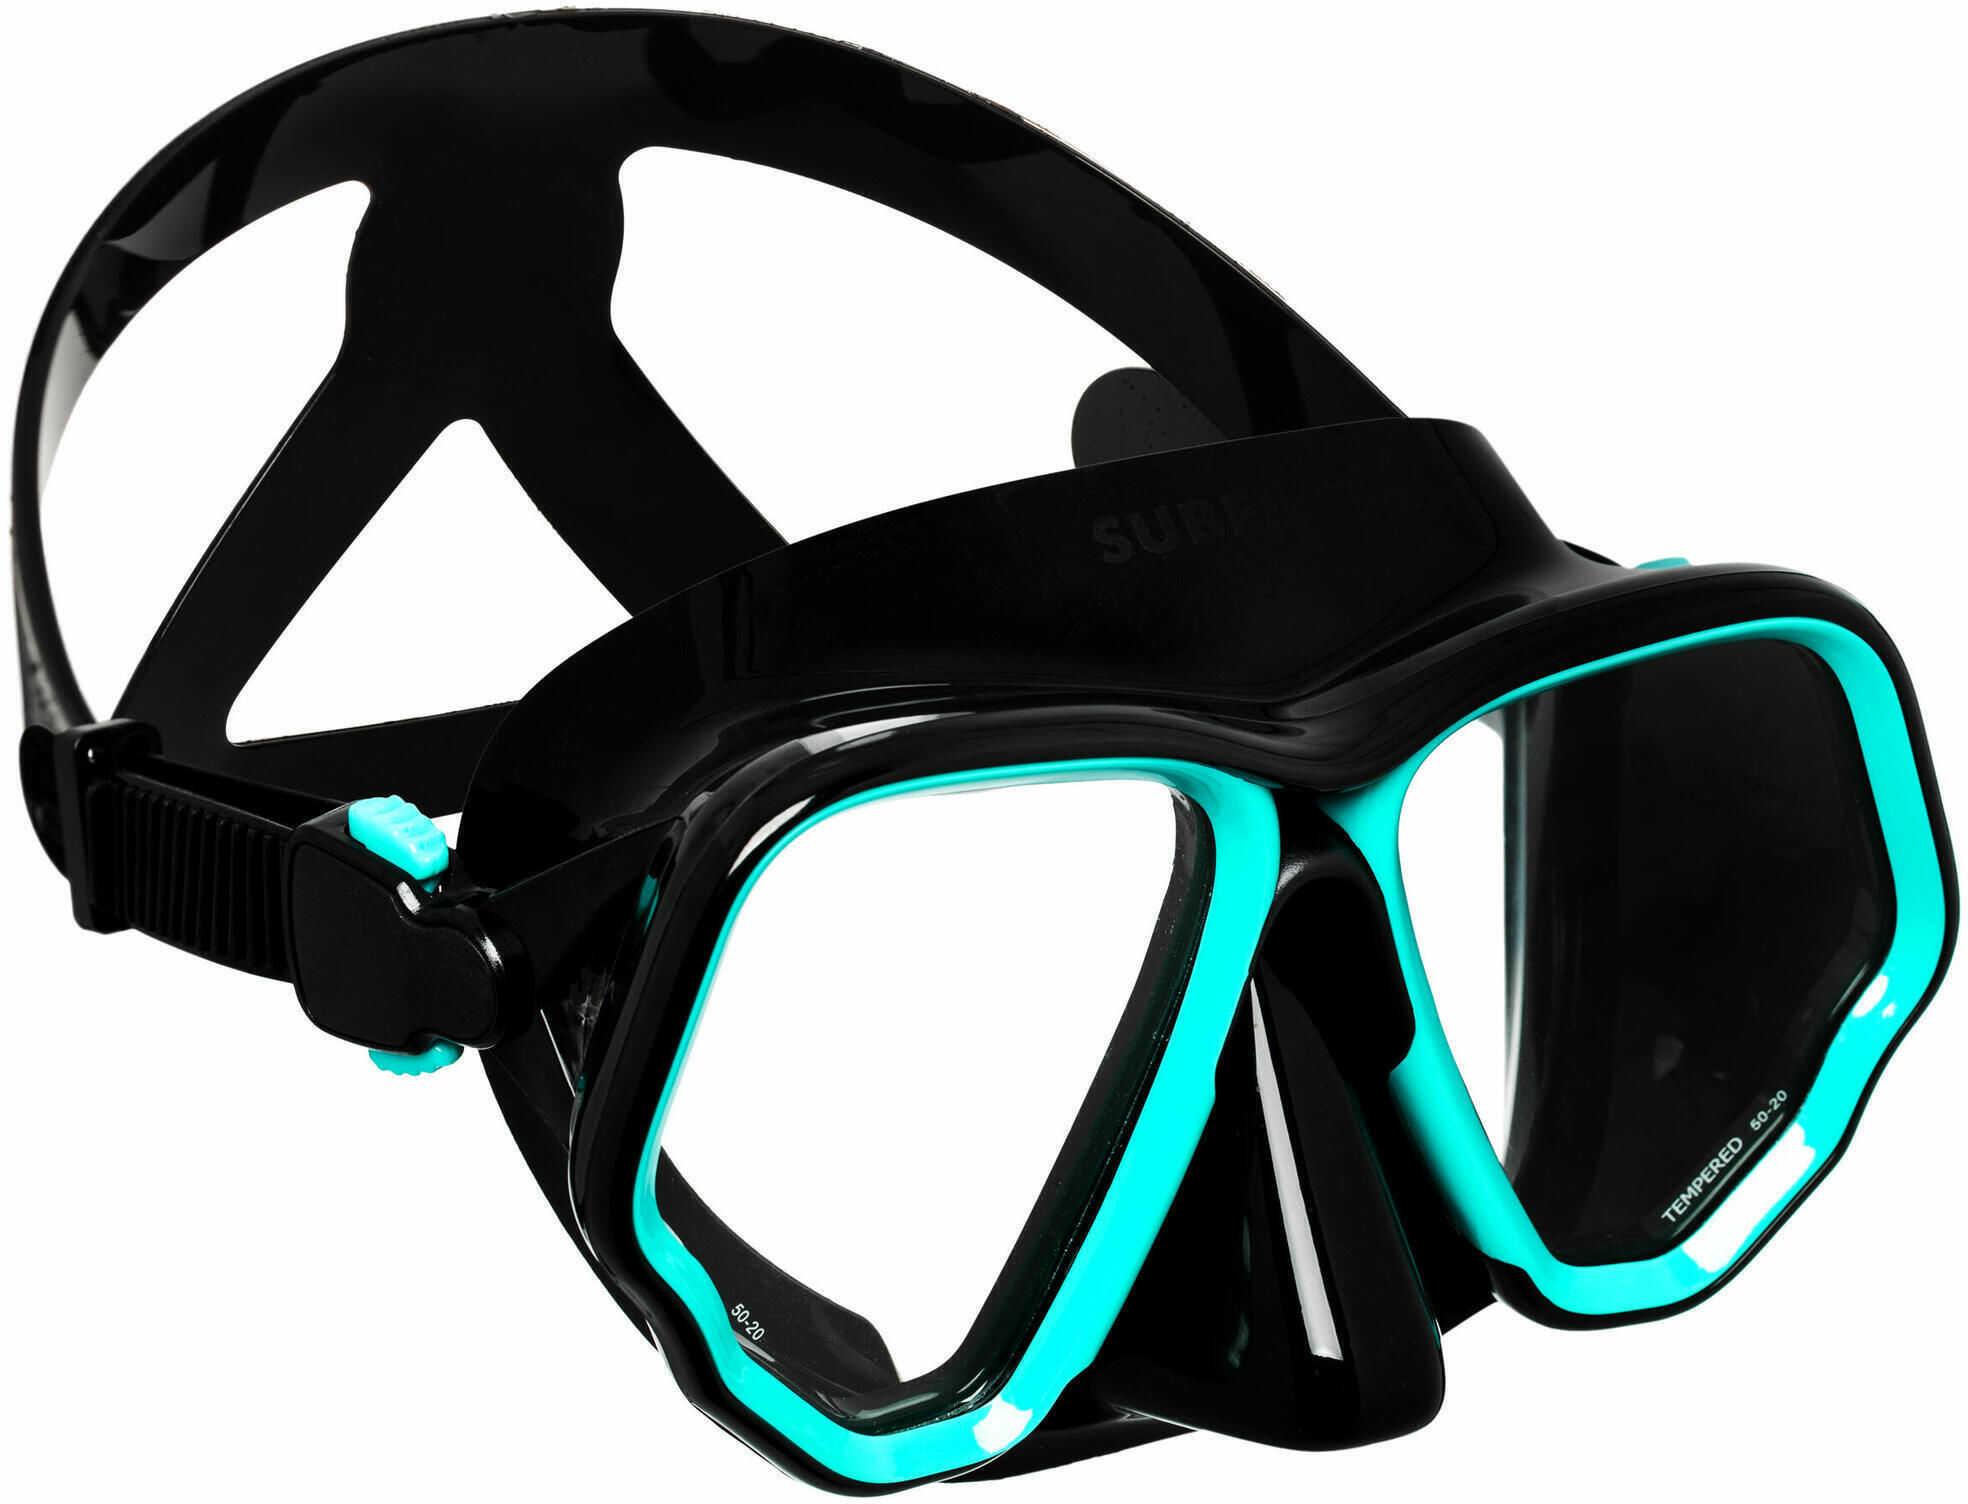 Maska do nurkowania SCD 500 Bi dwuszybowa V2